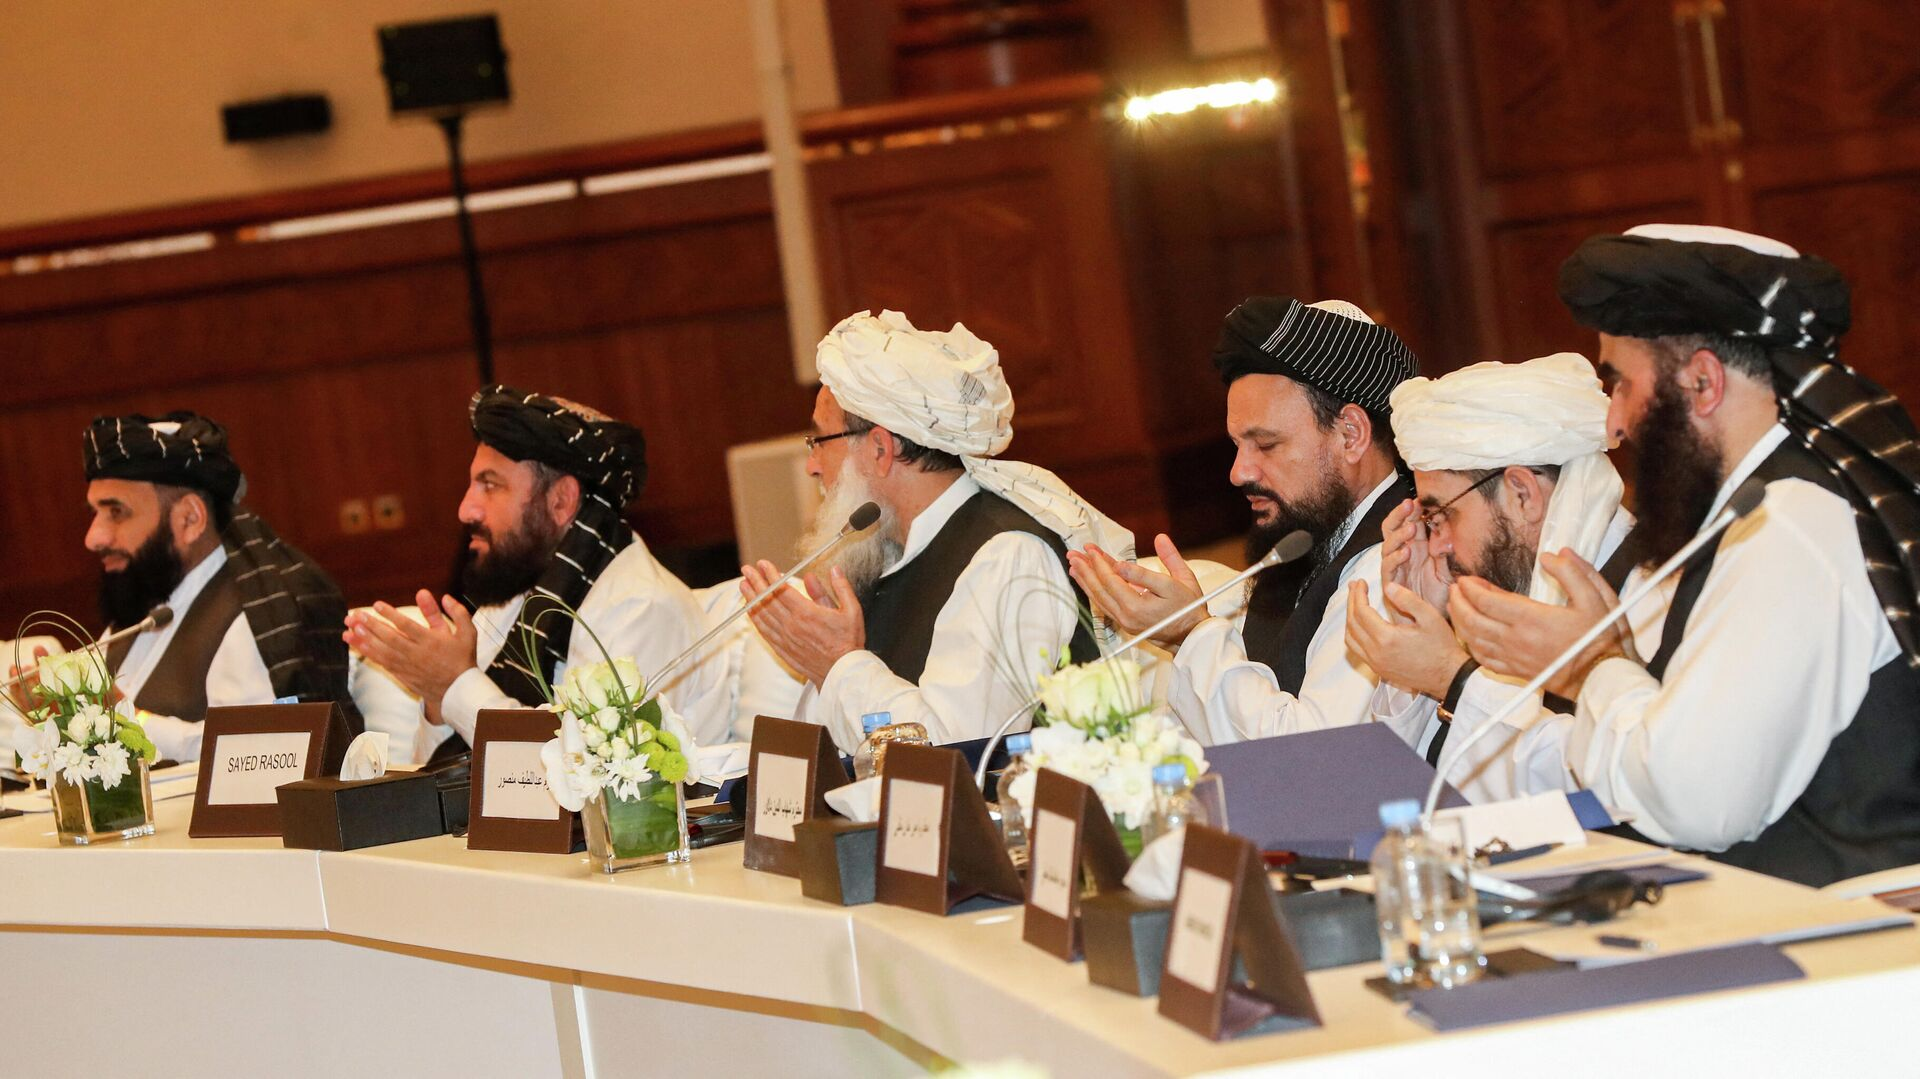 Члены движения Талибан присутствующие на втором дне переговоров внутриафганского диалога - Sputnik Таджикистан, 1920, 22.09.2021